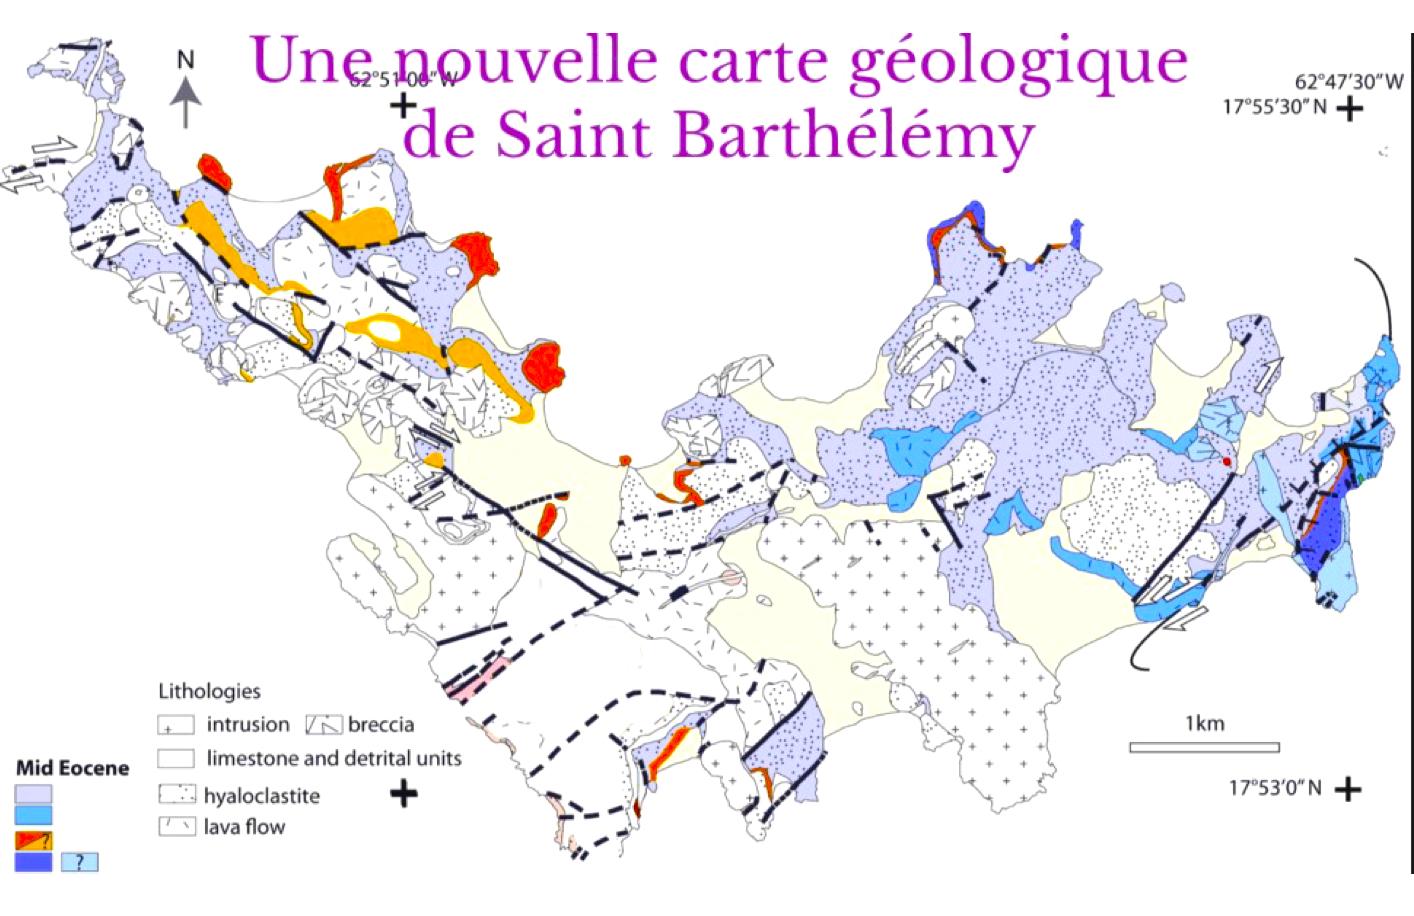 CE QUE NOUS APPRENNENT LES ROCHES DE ST BARTHÉLEMY